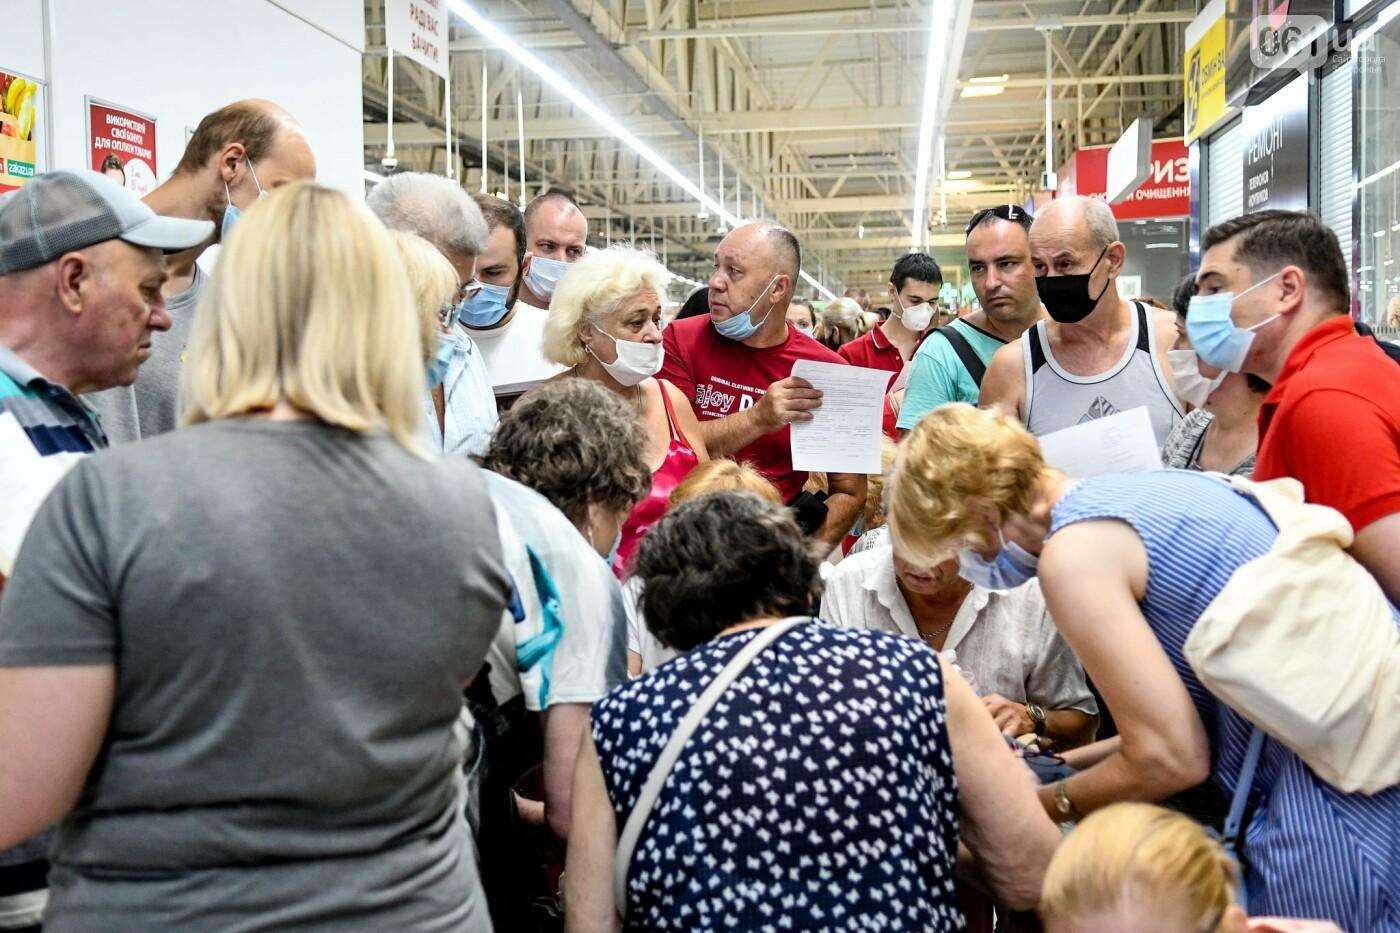 """В Запорожье в """"CITY MALL"""" открылся центр вакцинации: прививают Pfizer, сотни людей стоят в очереди, - ФОТОРЕПОРТАЖ , фото-14"""